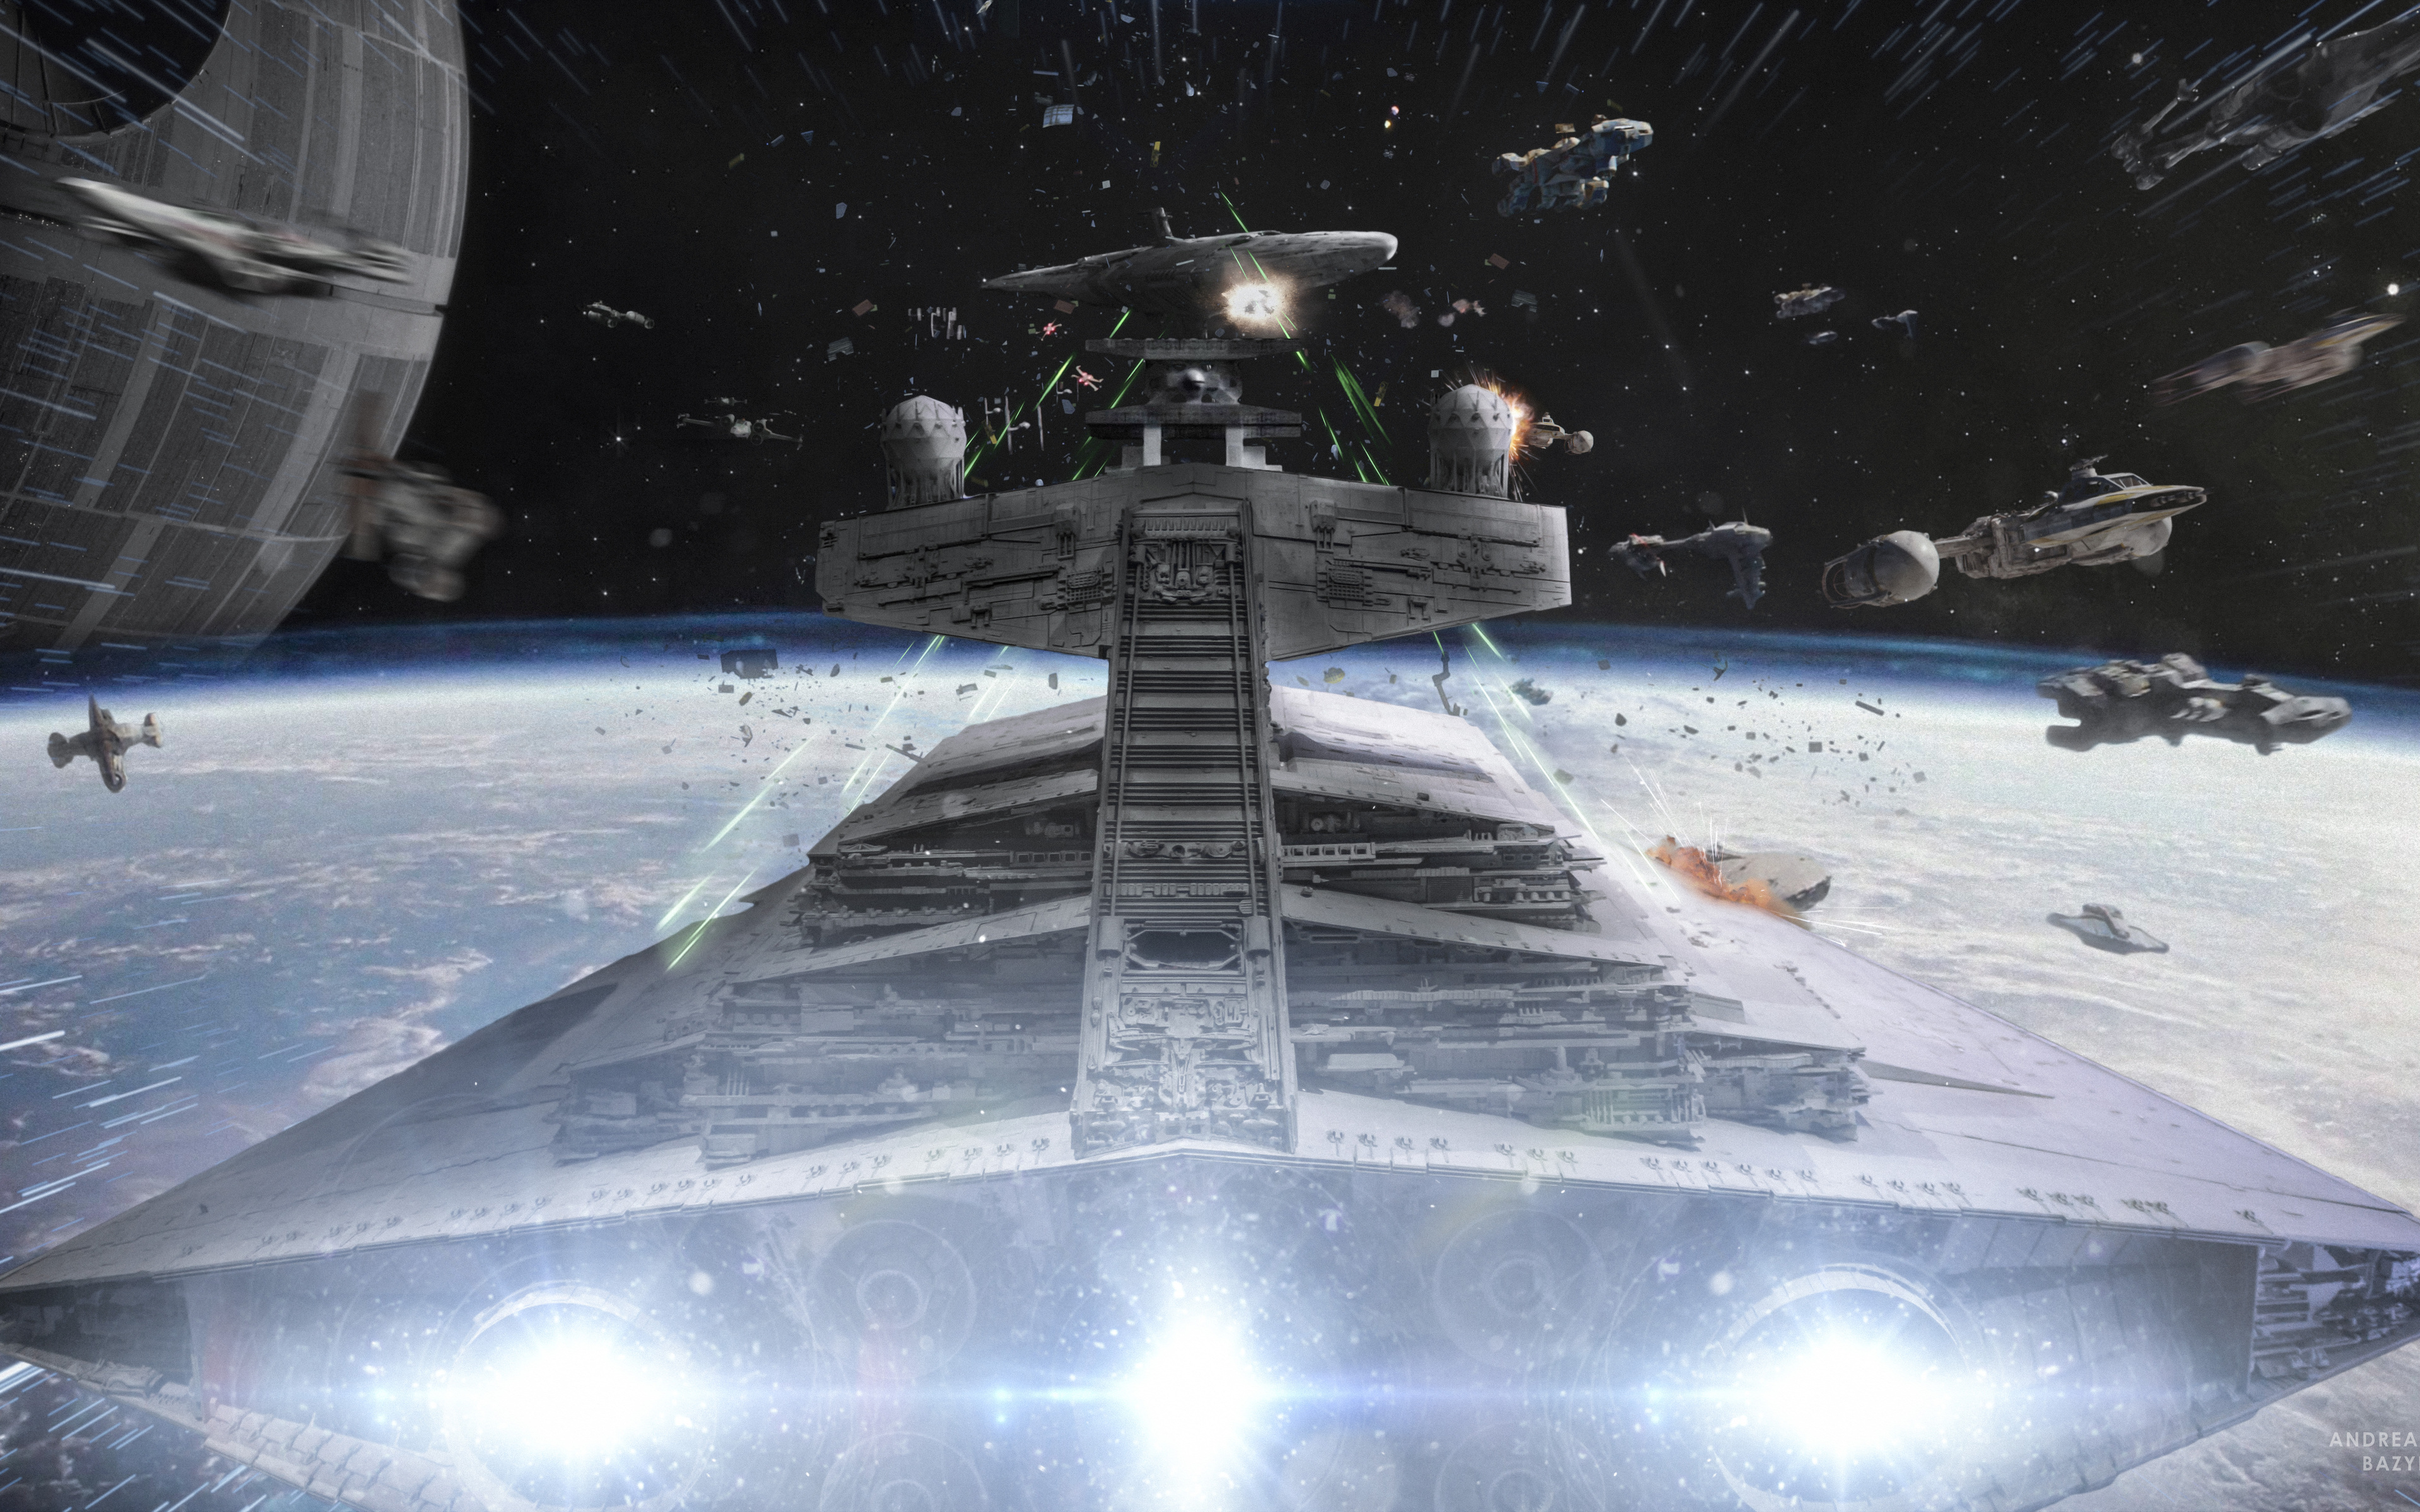 star-wars-devastator-ship-b8.jpg